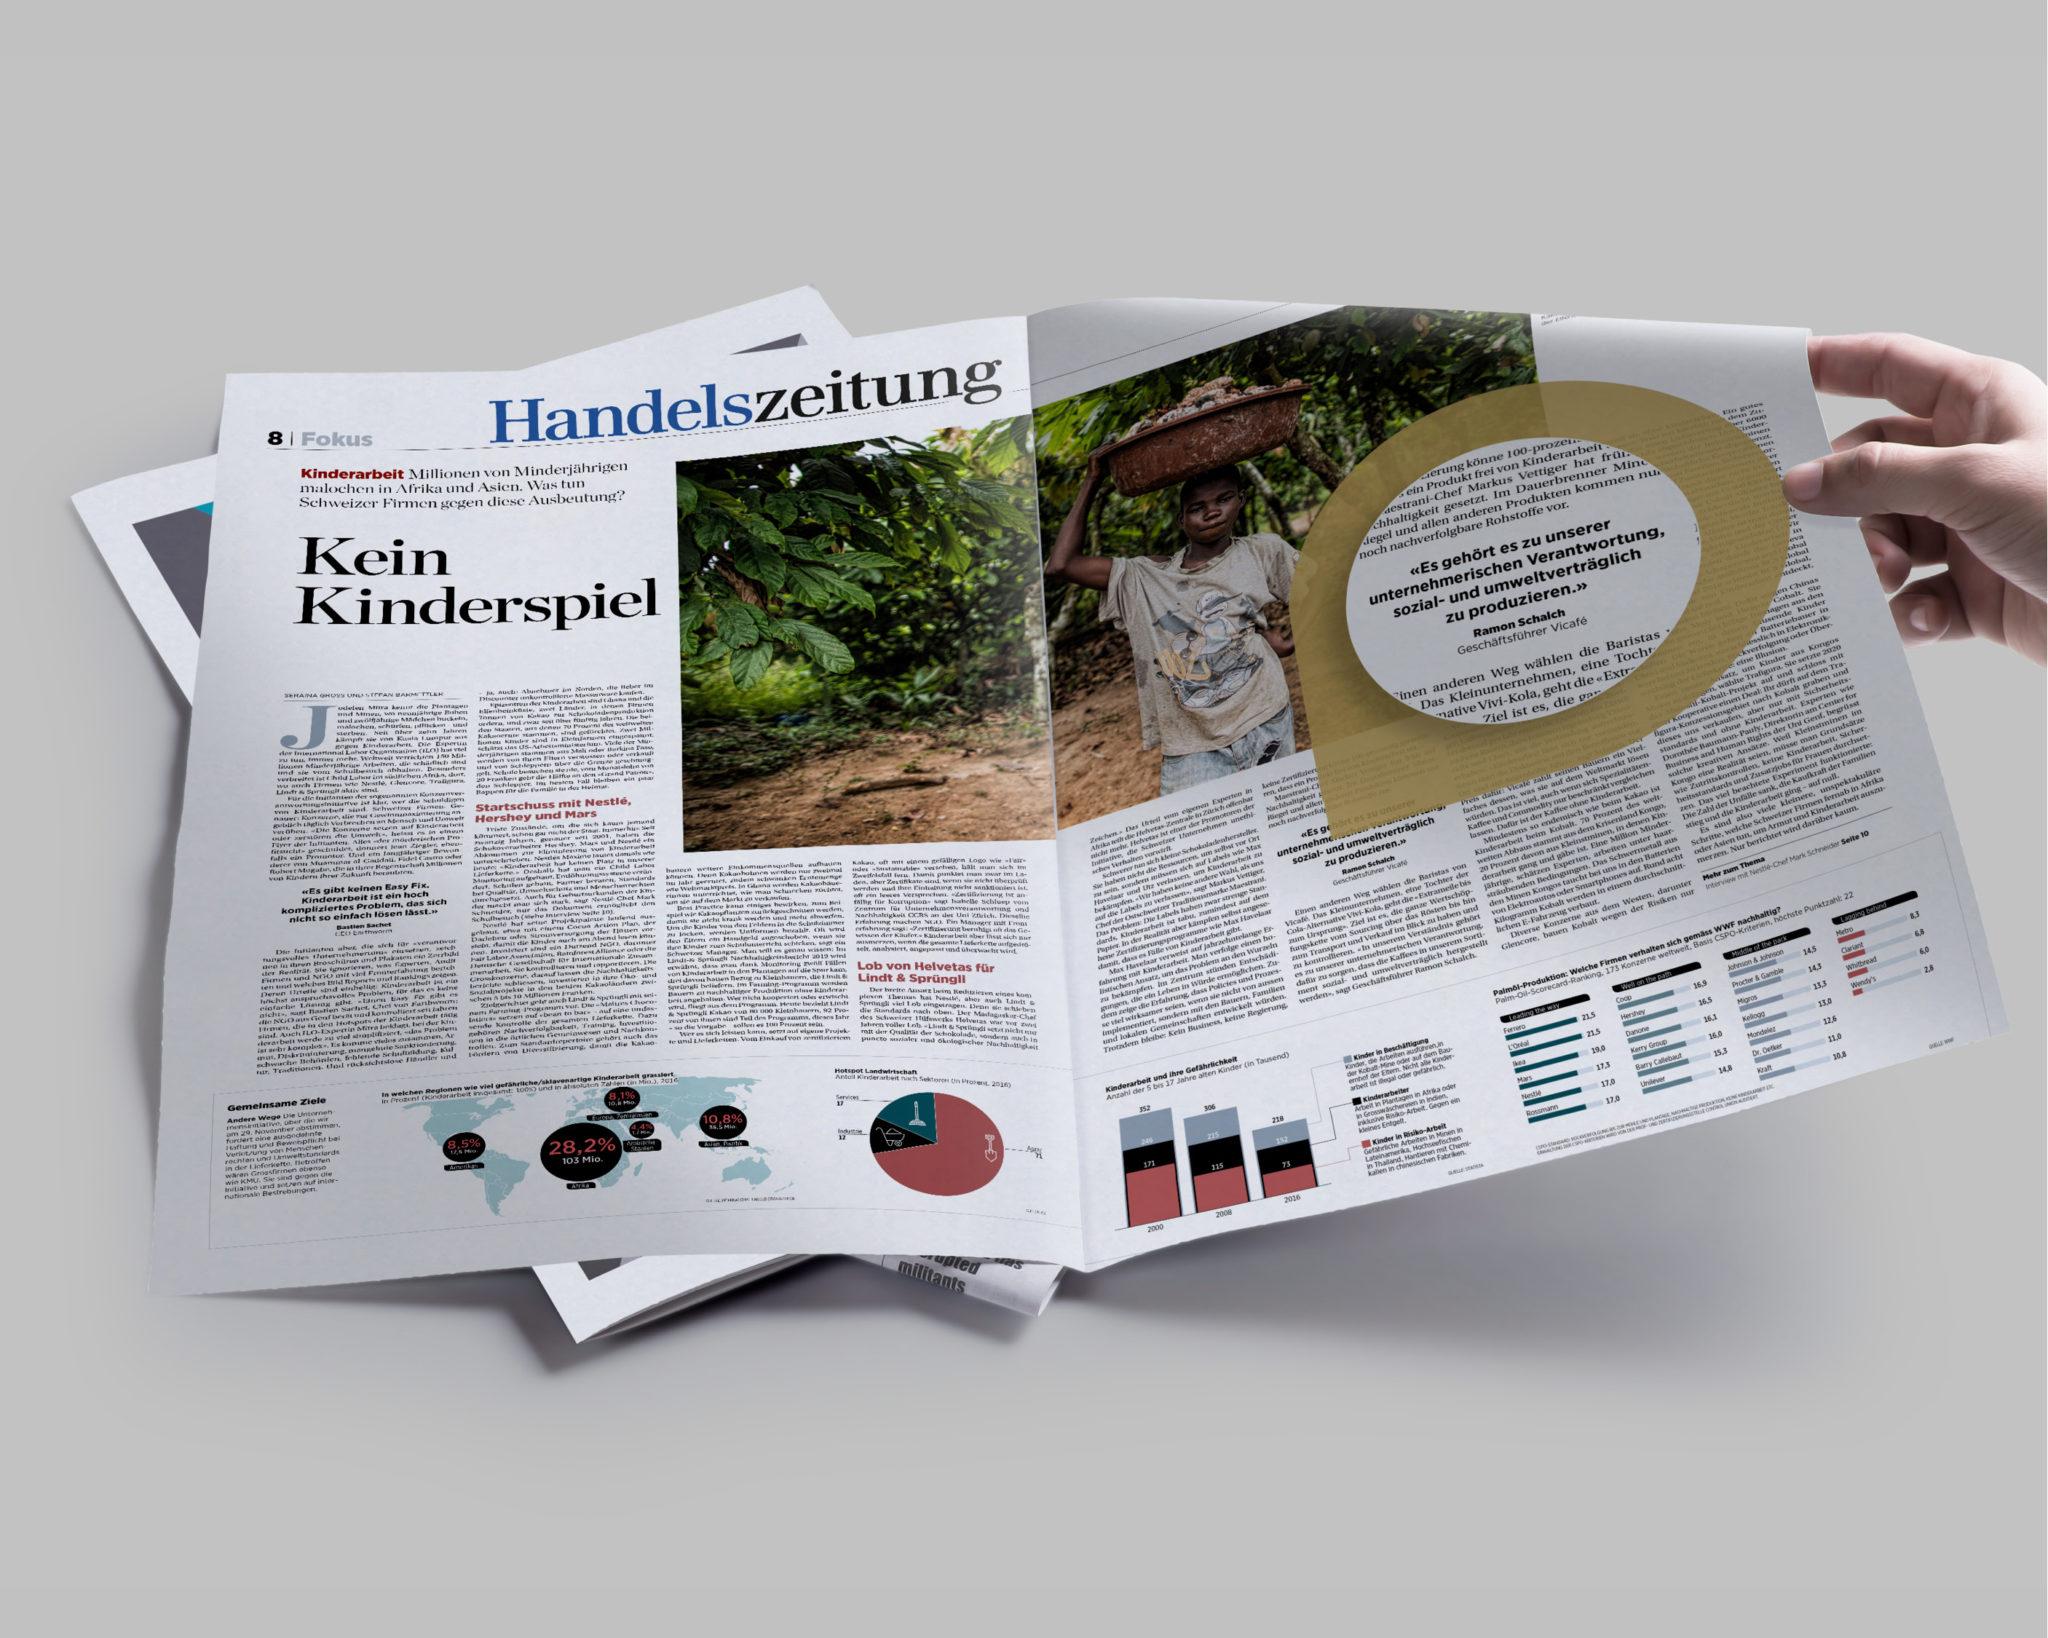 Handelszeitung Artikel über Kinderarbeit